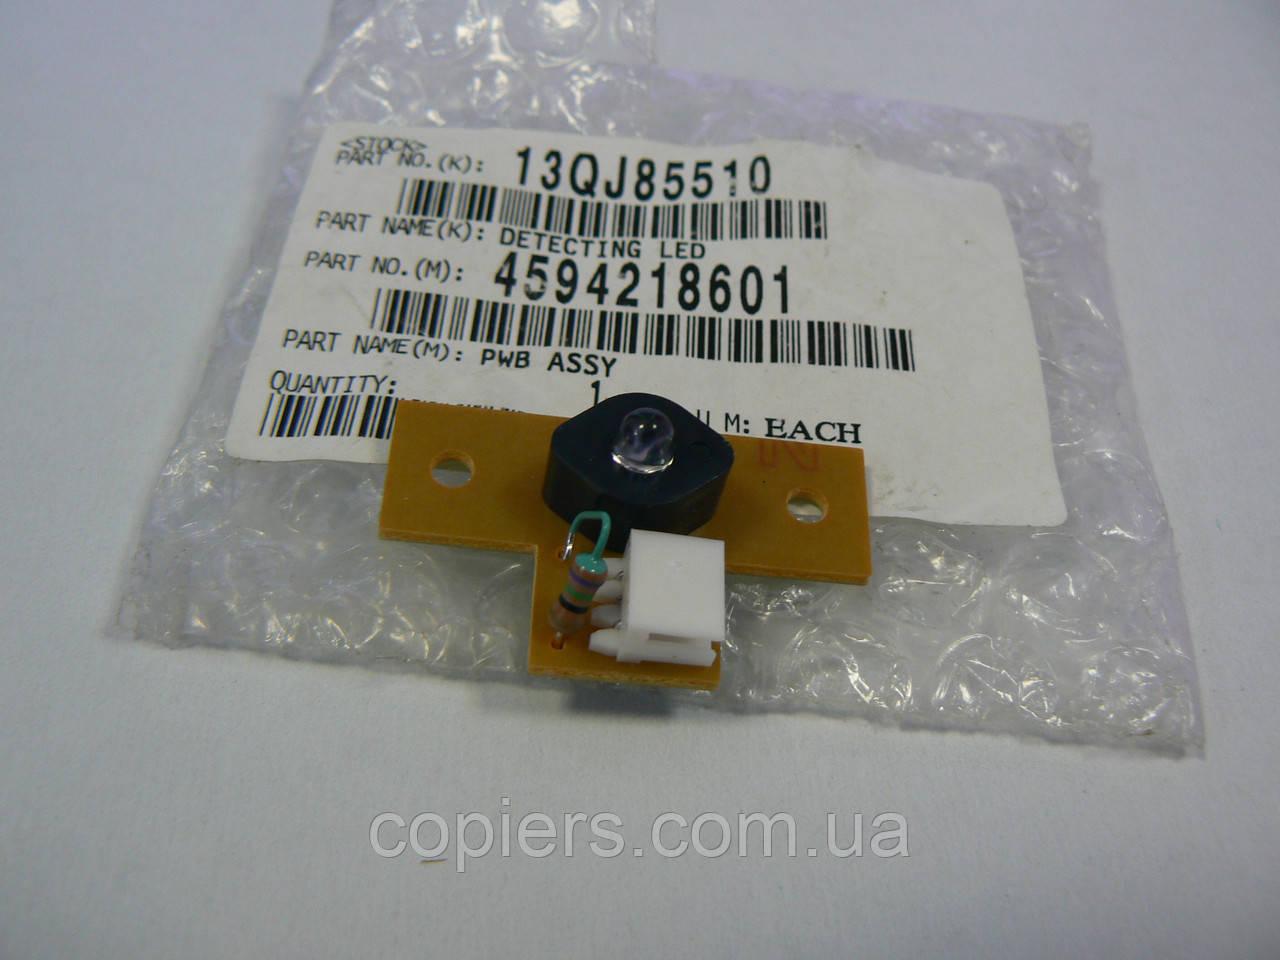 Detecting LED FS-210/FS-215 /FS-602/FS-604/ FS-606/ FS-607/ TU-501, 13QJ85510, 4594-2186-01